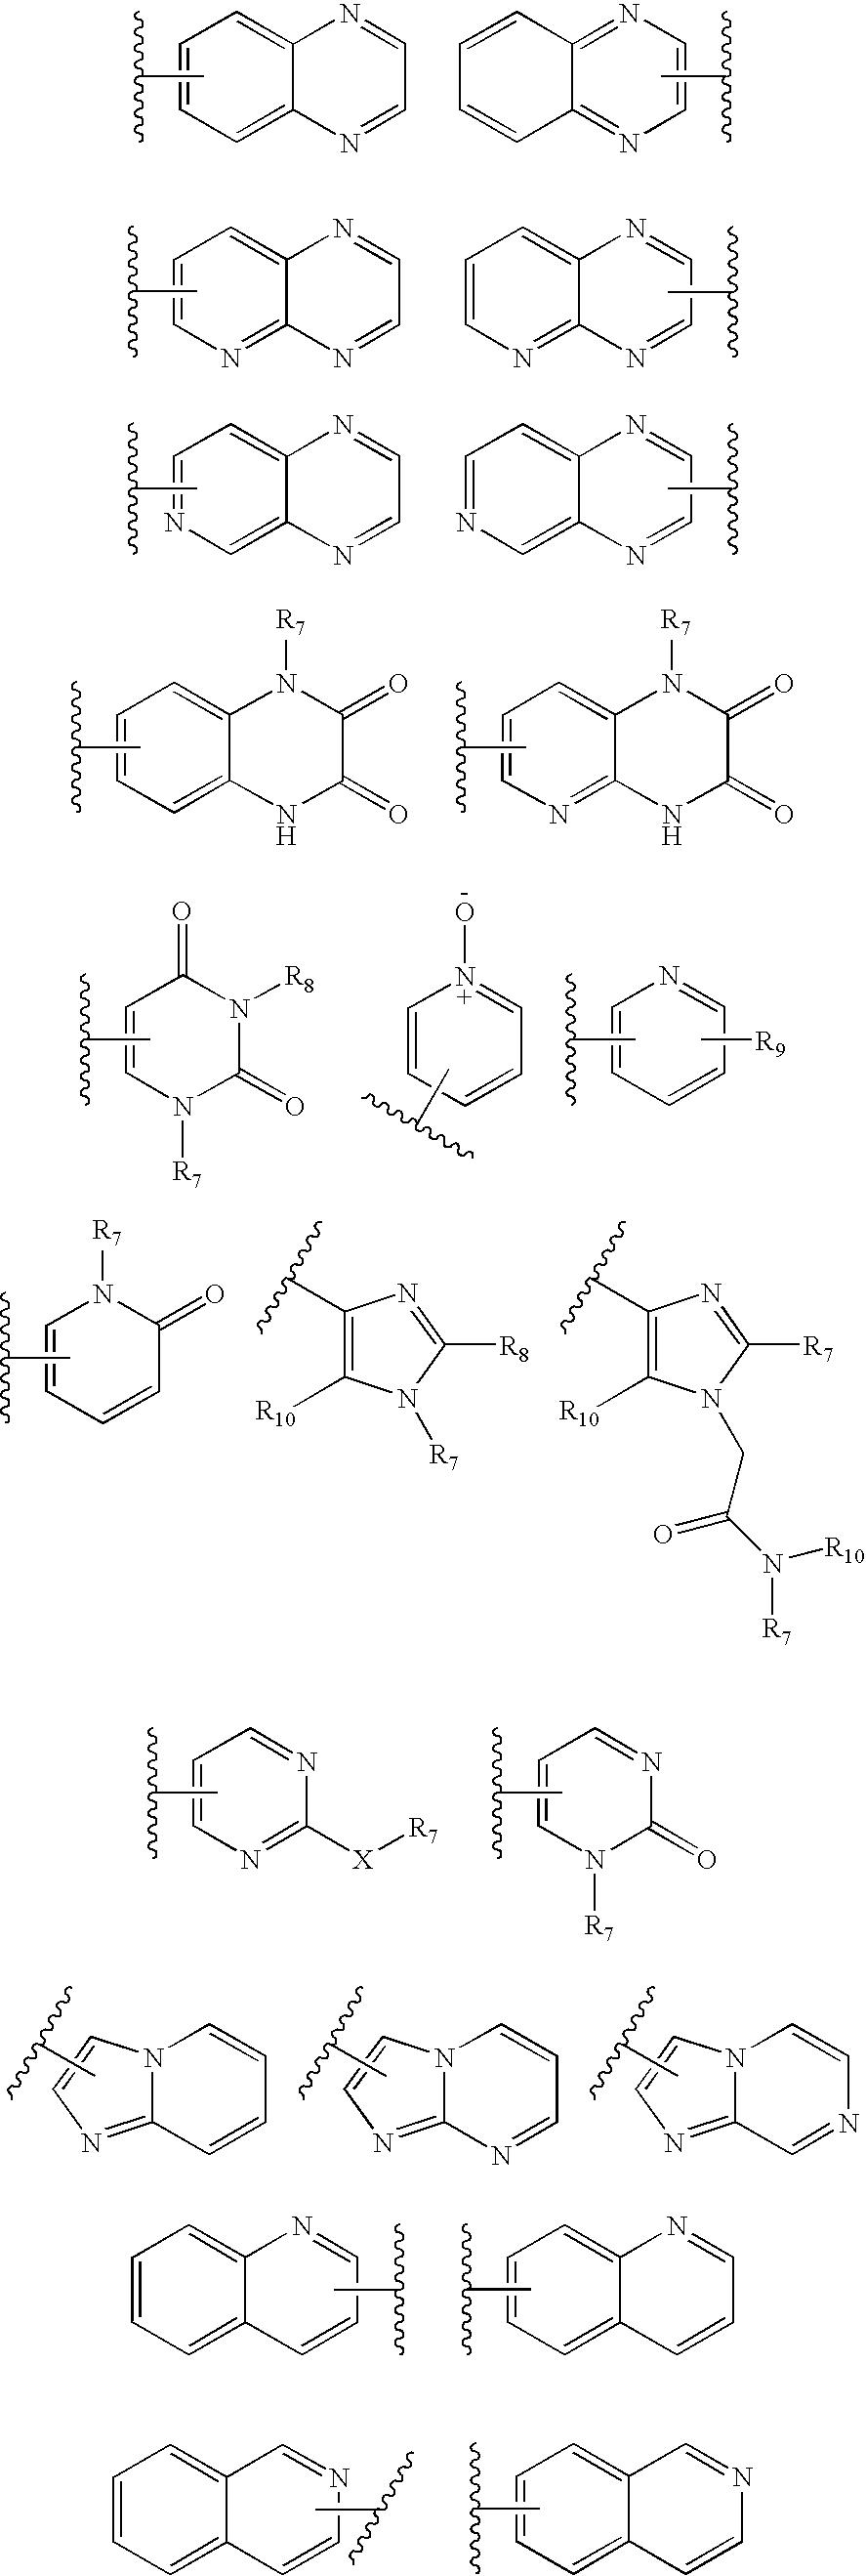 Figure US07531542-20090512-C00135